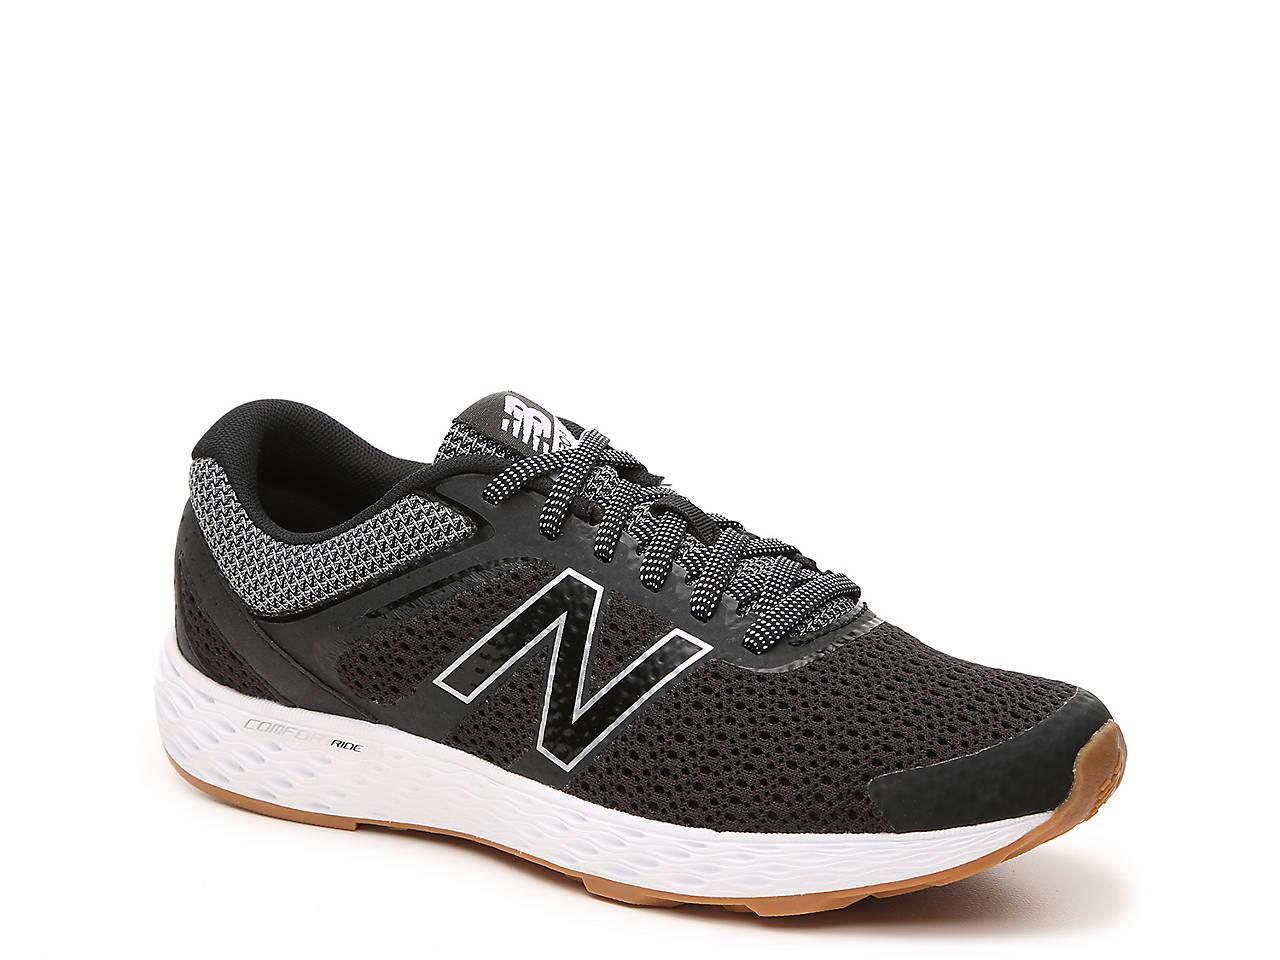 New Balance Womens 520v3 Running Shoe